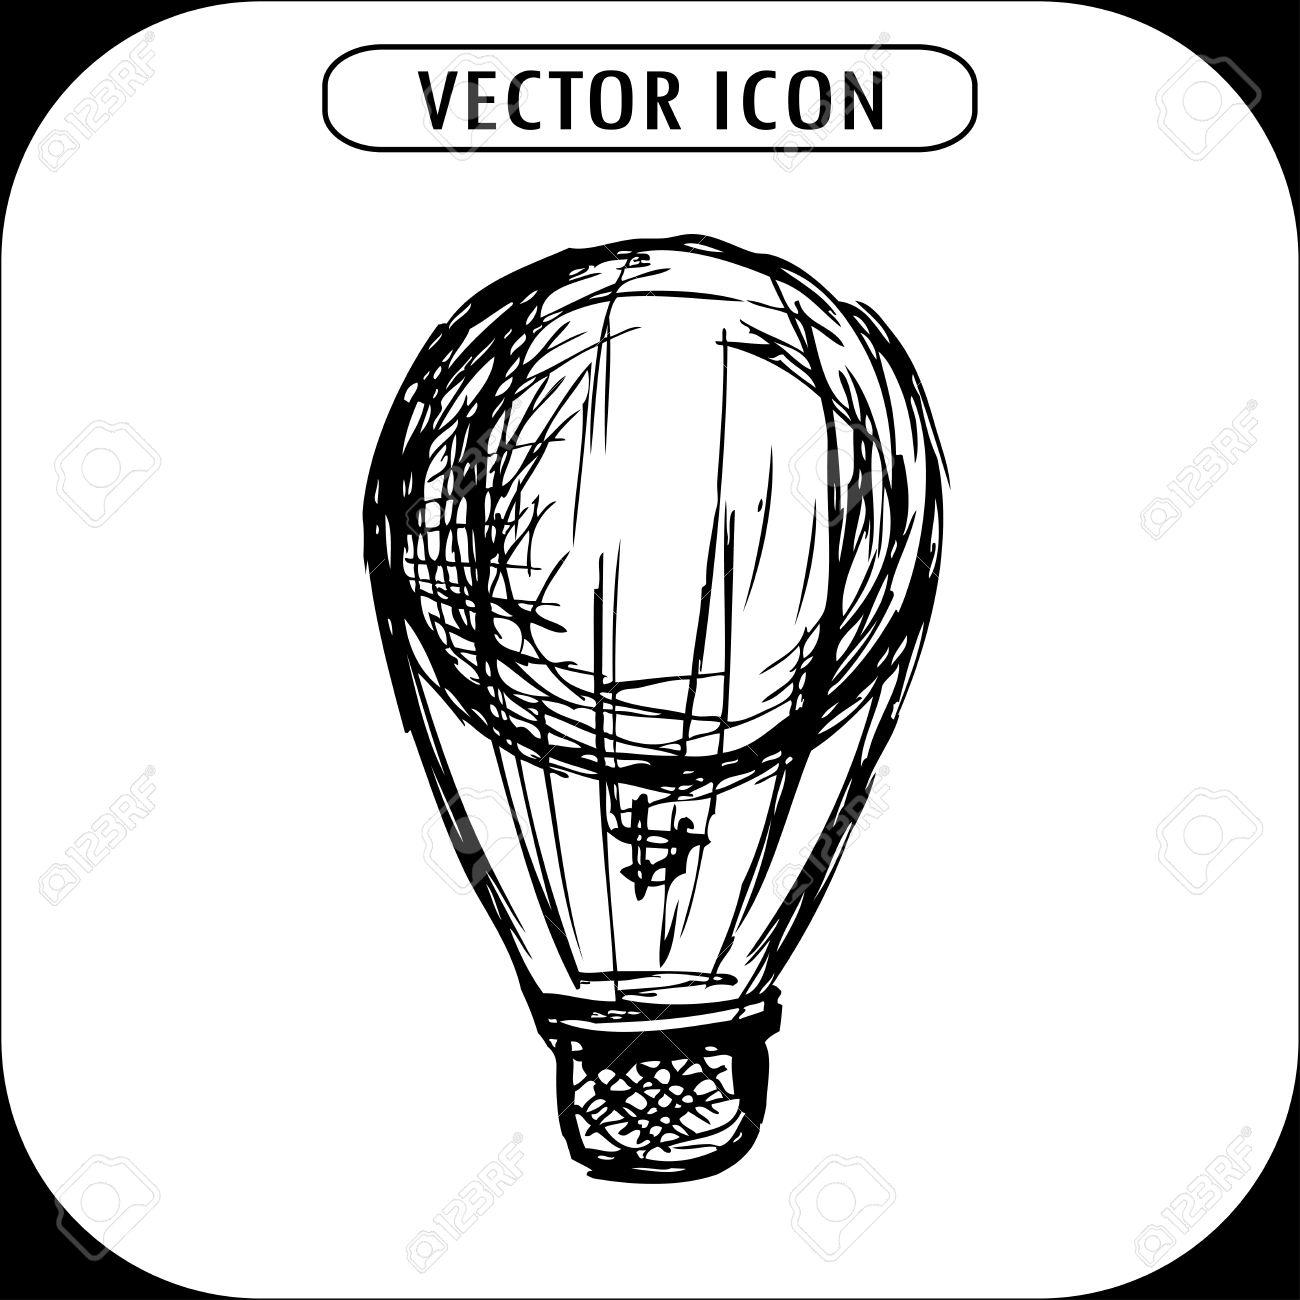 1300x1300 Drawn Hot Air Balloon Hand Drawn